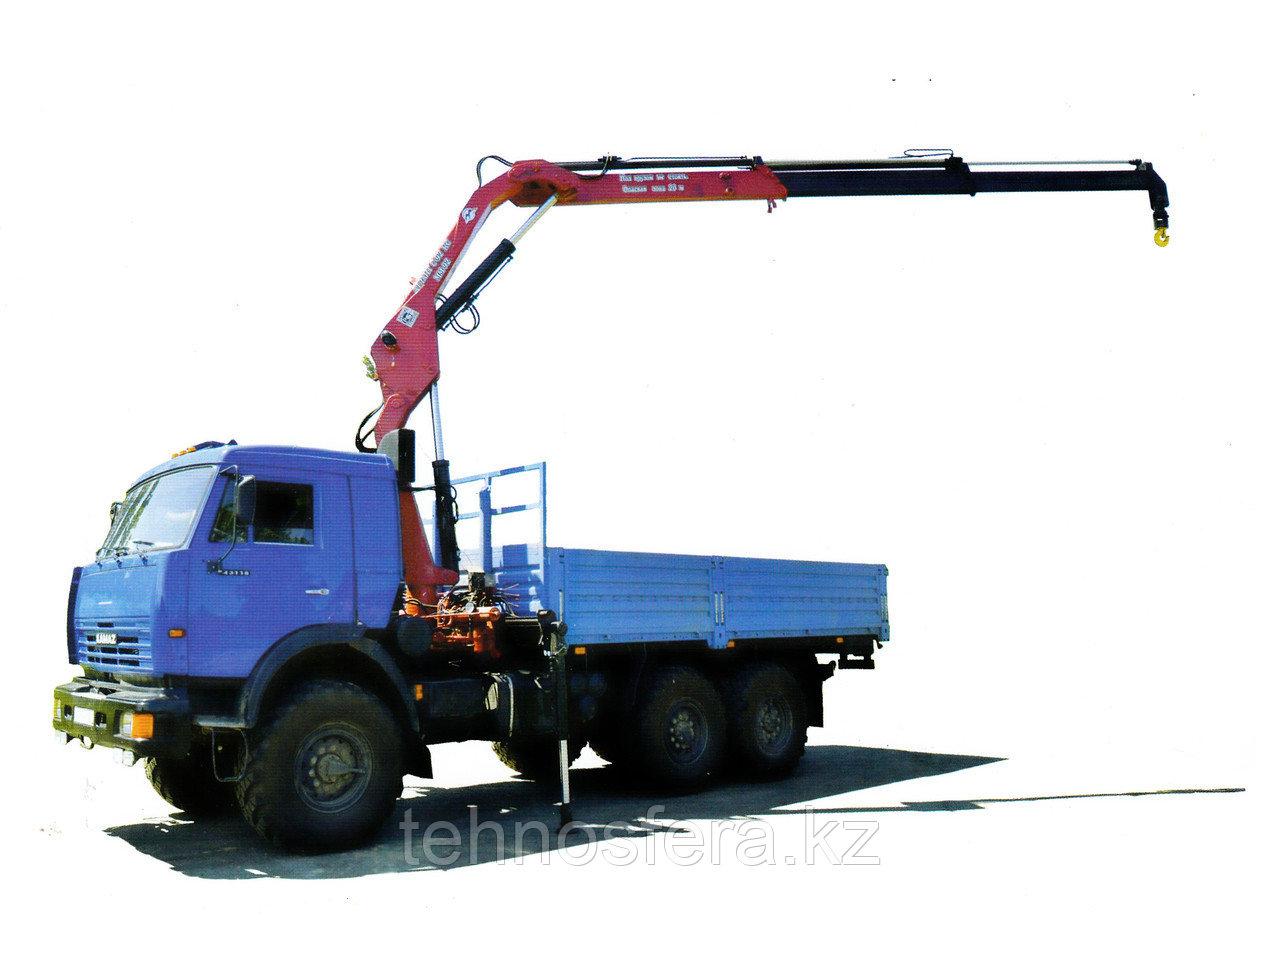 Гидроманипулятор Атланс-С для грузовых автомобилей